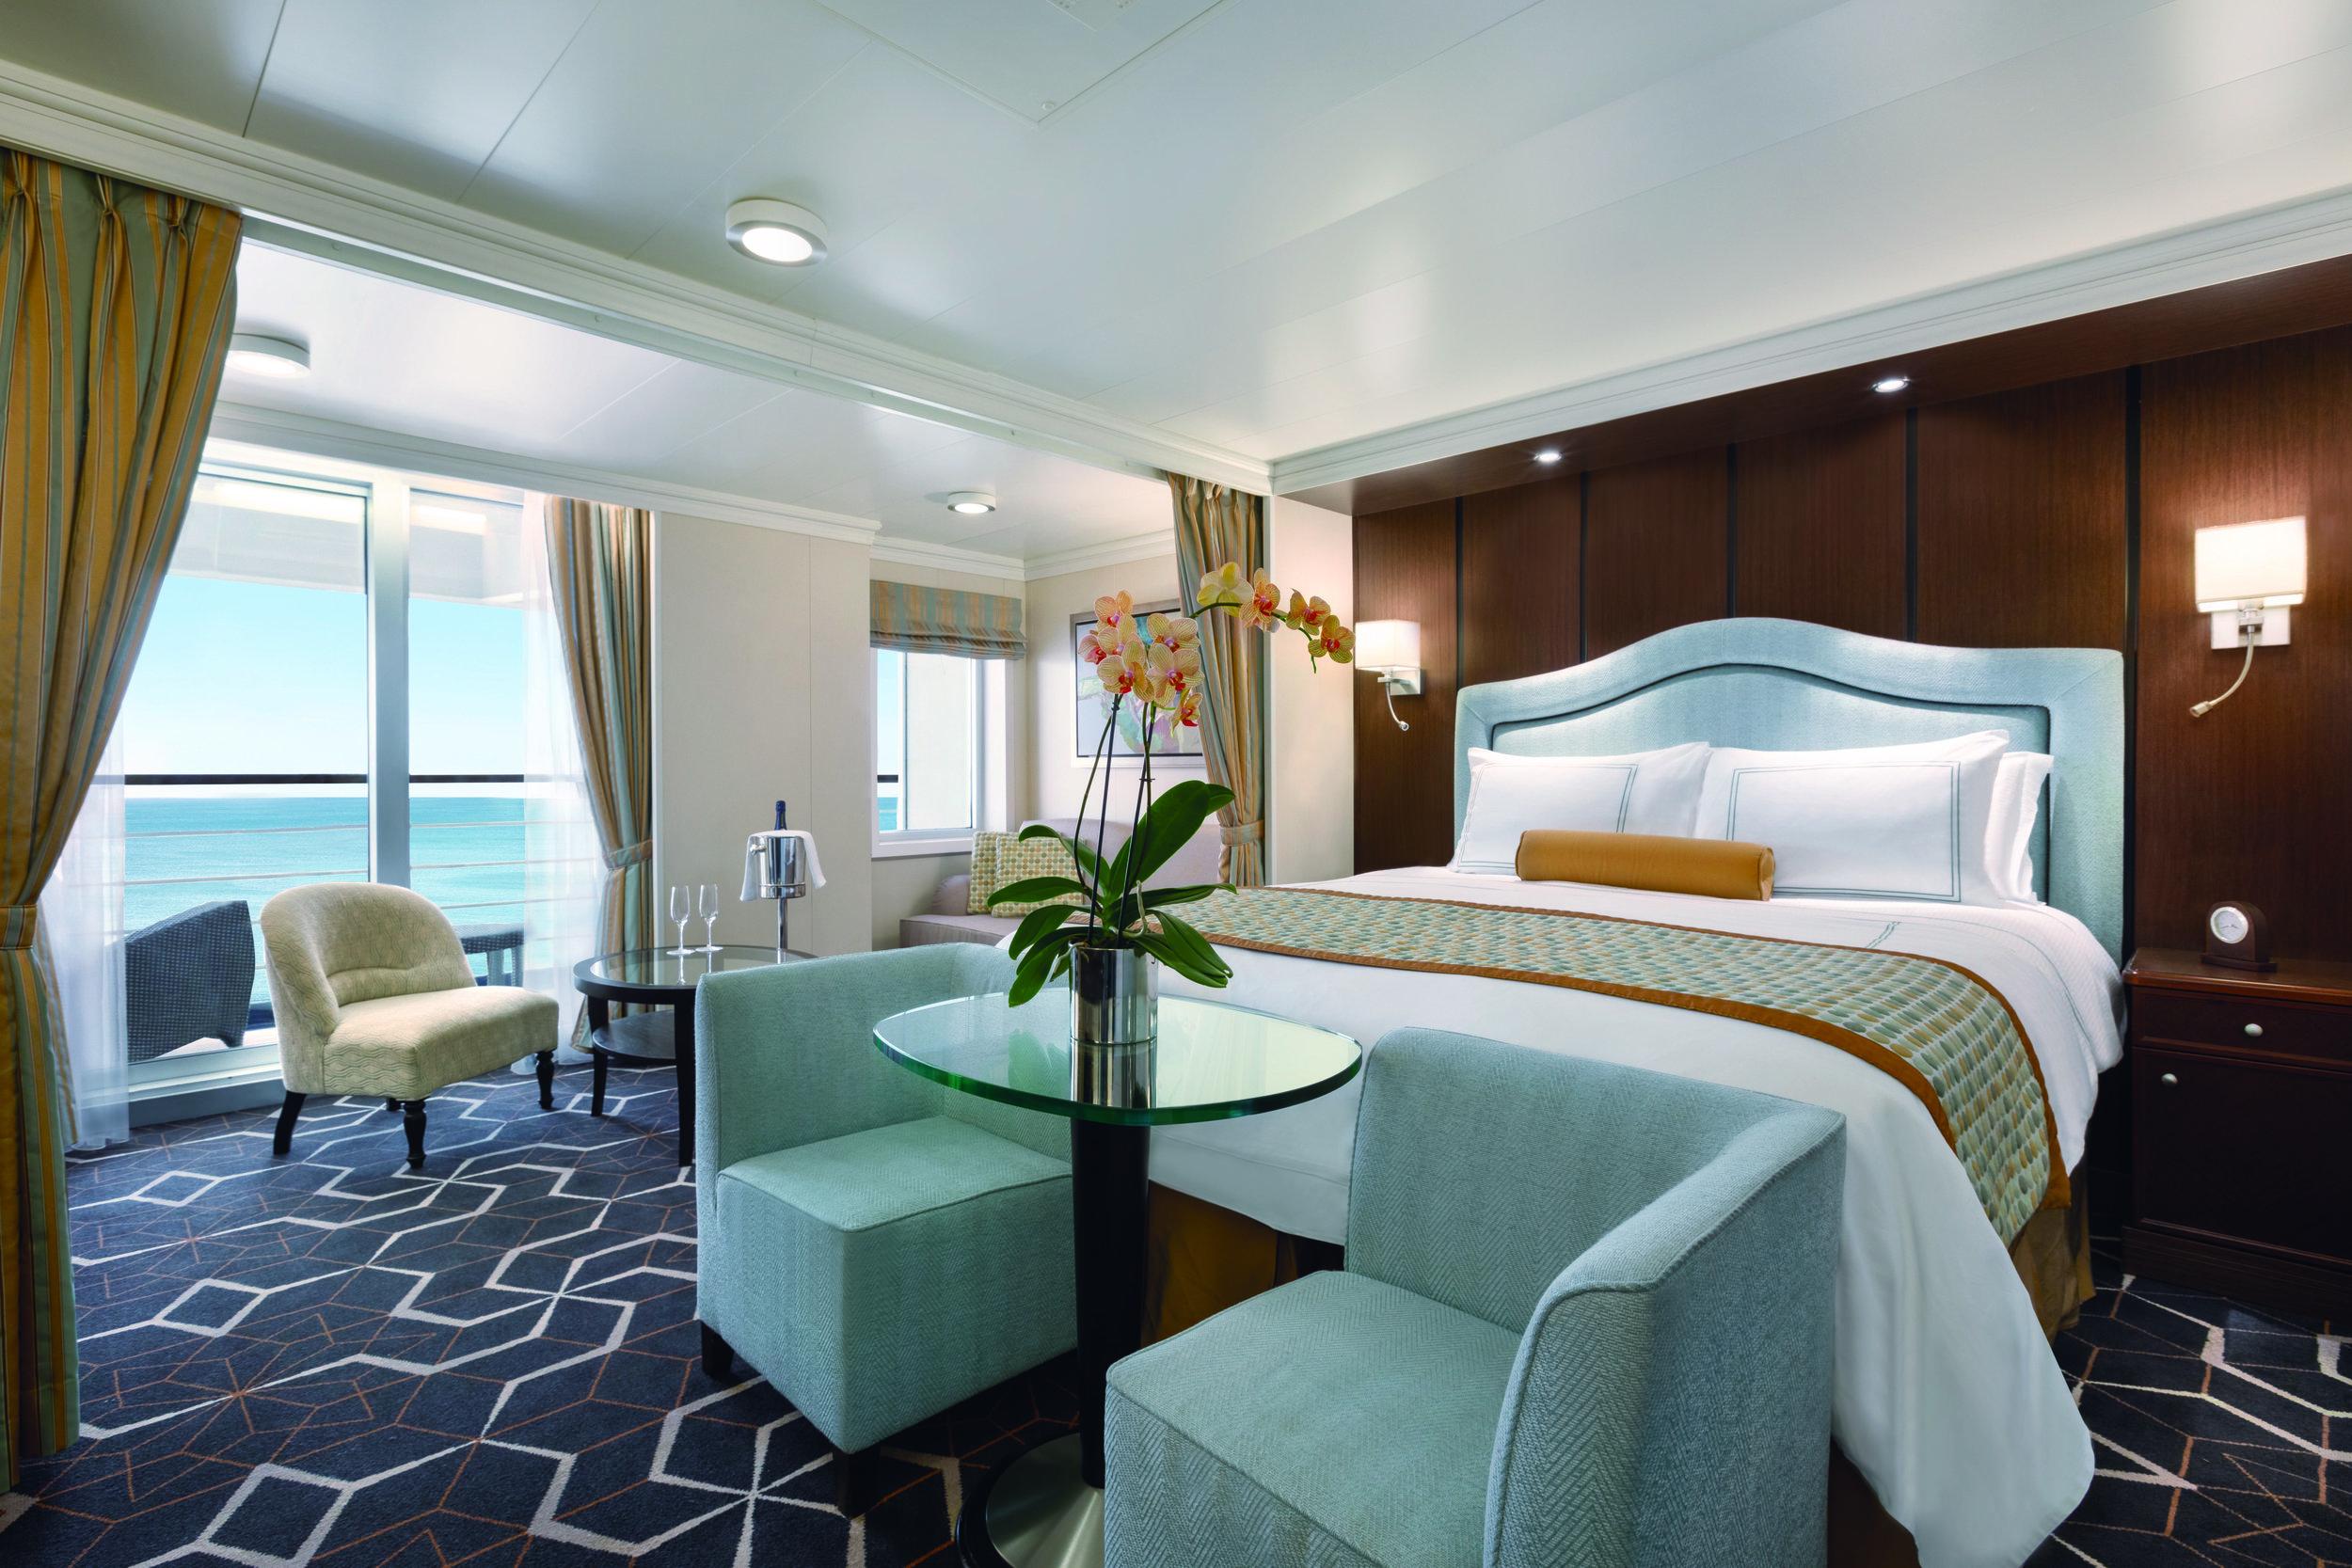 Oceania Riviera - Penthouse Suite - 1385053.jpg